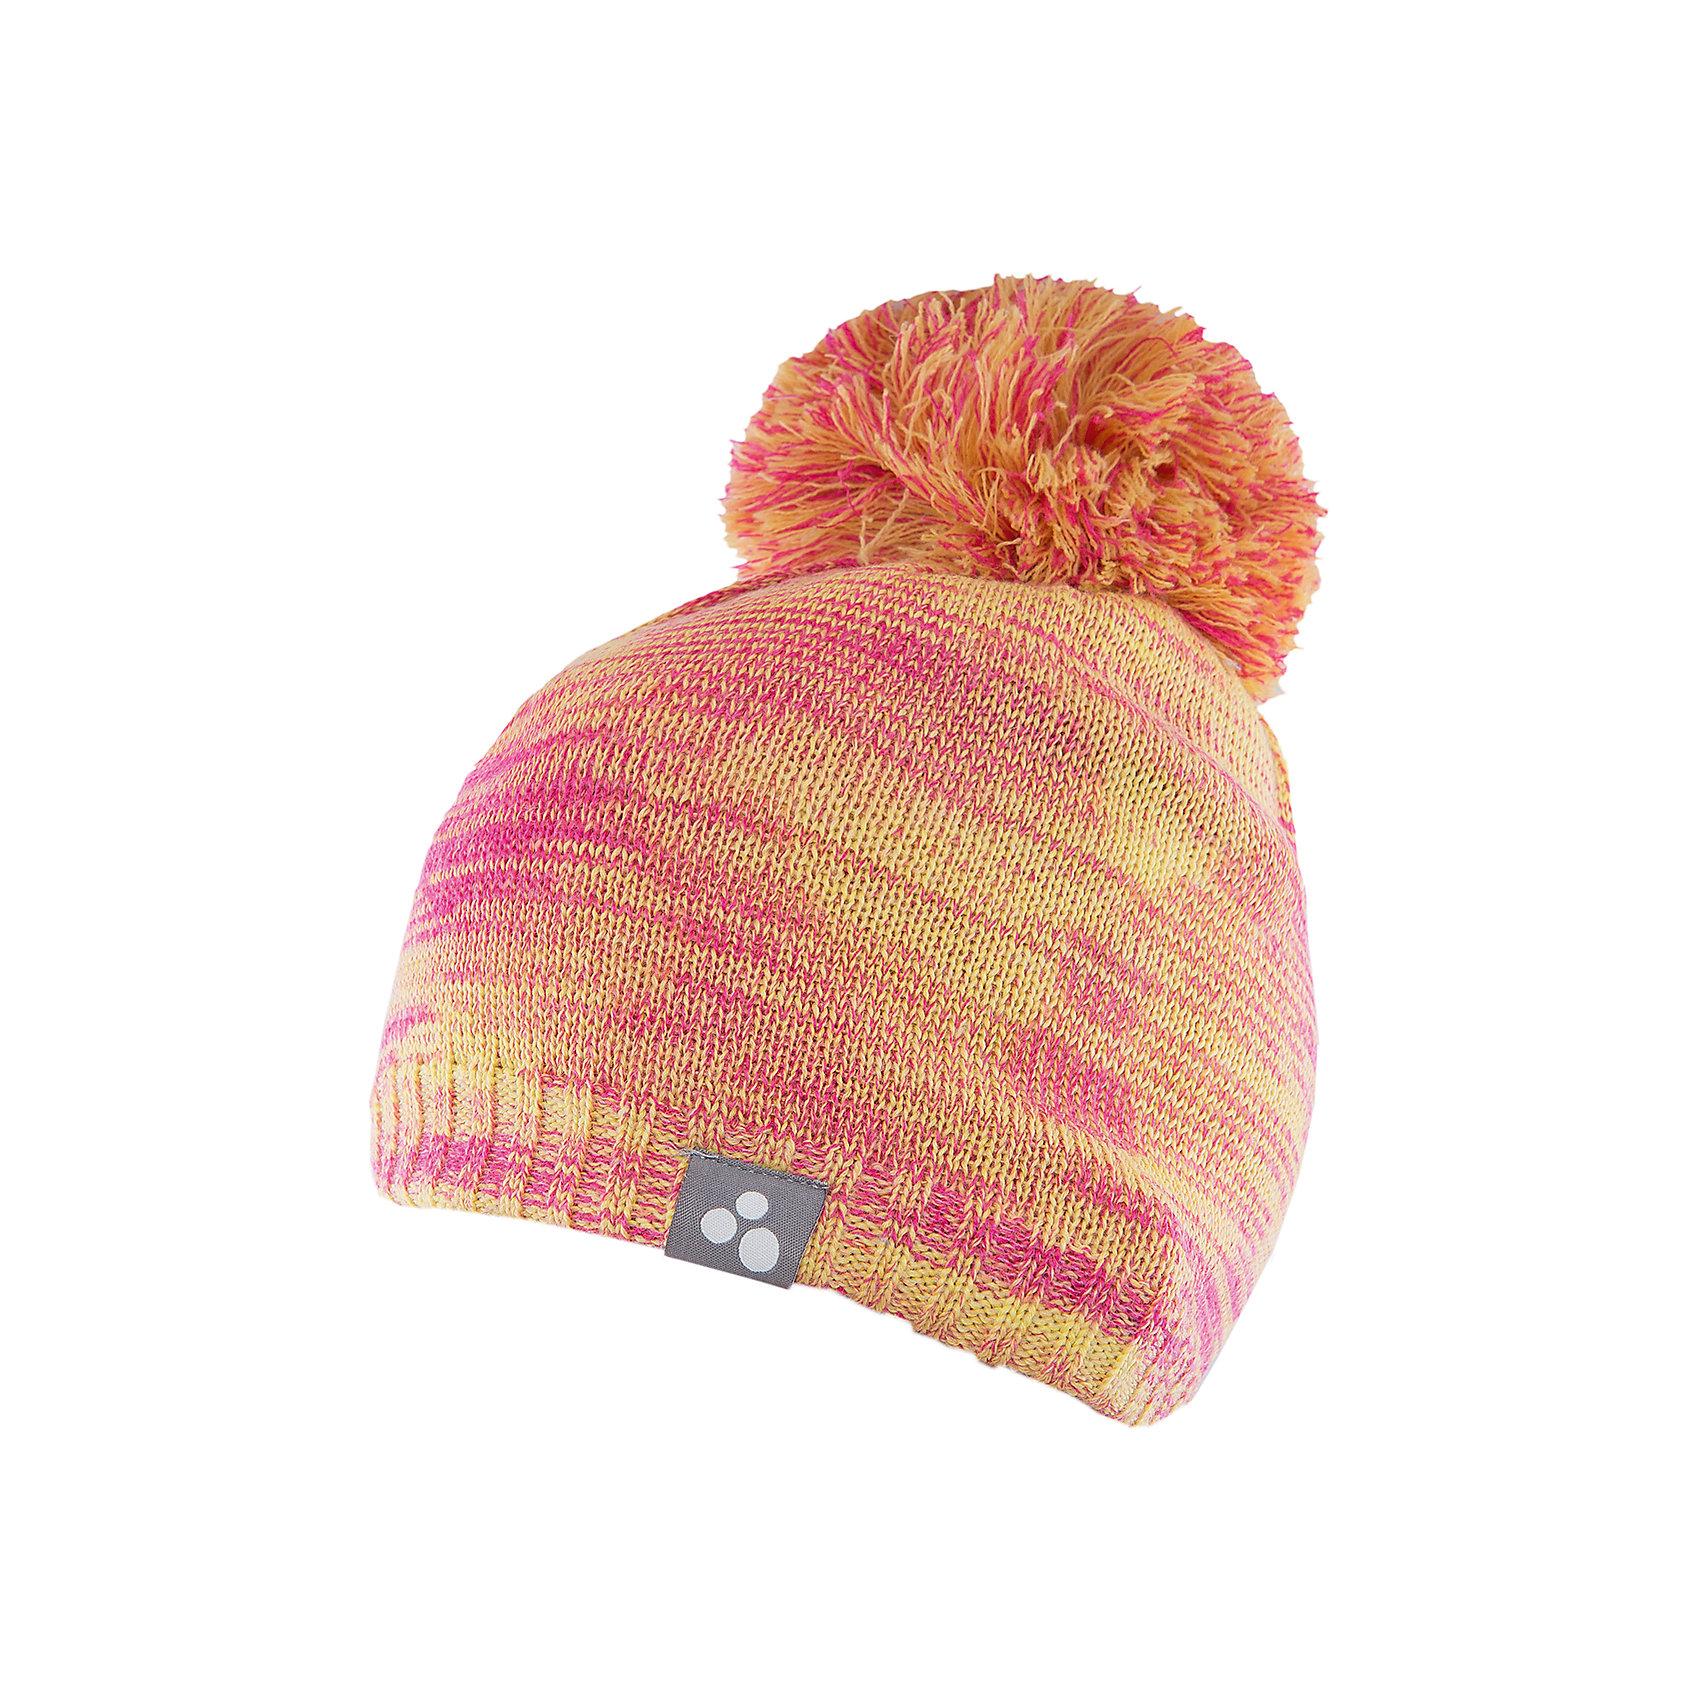 Шапка  HuppaШапка Huppa Daimar изготовлена из шерсти мериноса и акрила. Имеет крупный помпон и светоотражательный элемент. Эта шапка согреет ребенка в холодную погоду, а идеальное сочетание цветов непременно порадуют юного модника!<br><br>Дополнительная информация:<br>Цвет: желтый/розовый<br>Состав: 50% шерсть мериноса, 50% акрил<br><br>Шапку Huppa Daimar можно приобрести в нашем интернет-магазине.<br><br>Ширина мм: 89<br>Глубина мм: 117<br>Высота мм: 44<br>Вес г: 155<br>Цвет: зеленый<br>Возраст от месяцев: 36<br>Возраст до месяцев: 72<br>Пол: Женский<br>Возраст: Детский<br>Размер: 51-53,57,55-57<br>SKU: 4923521